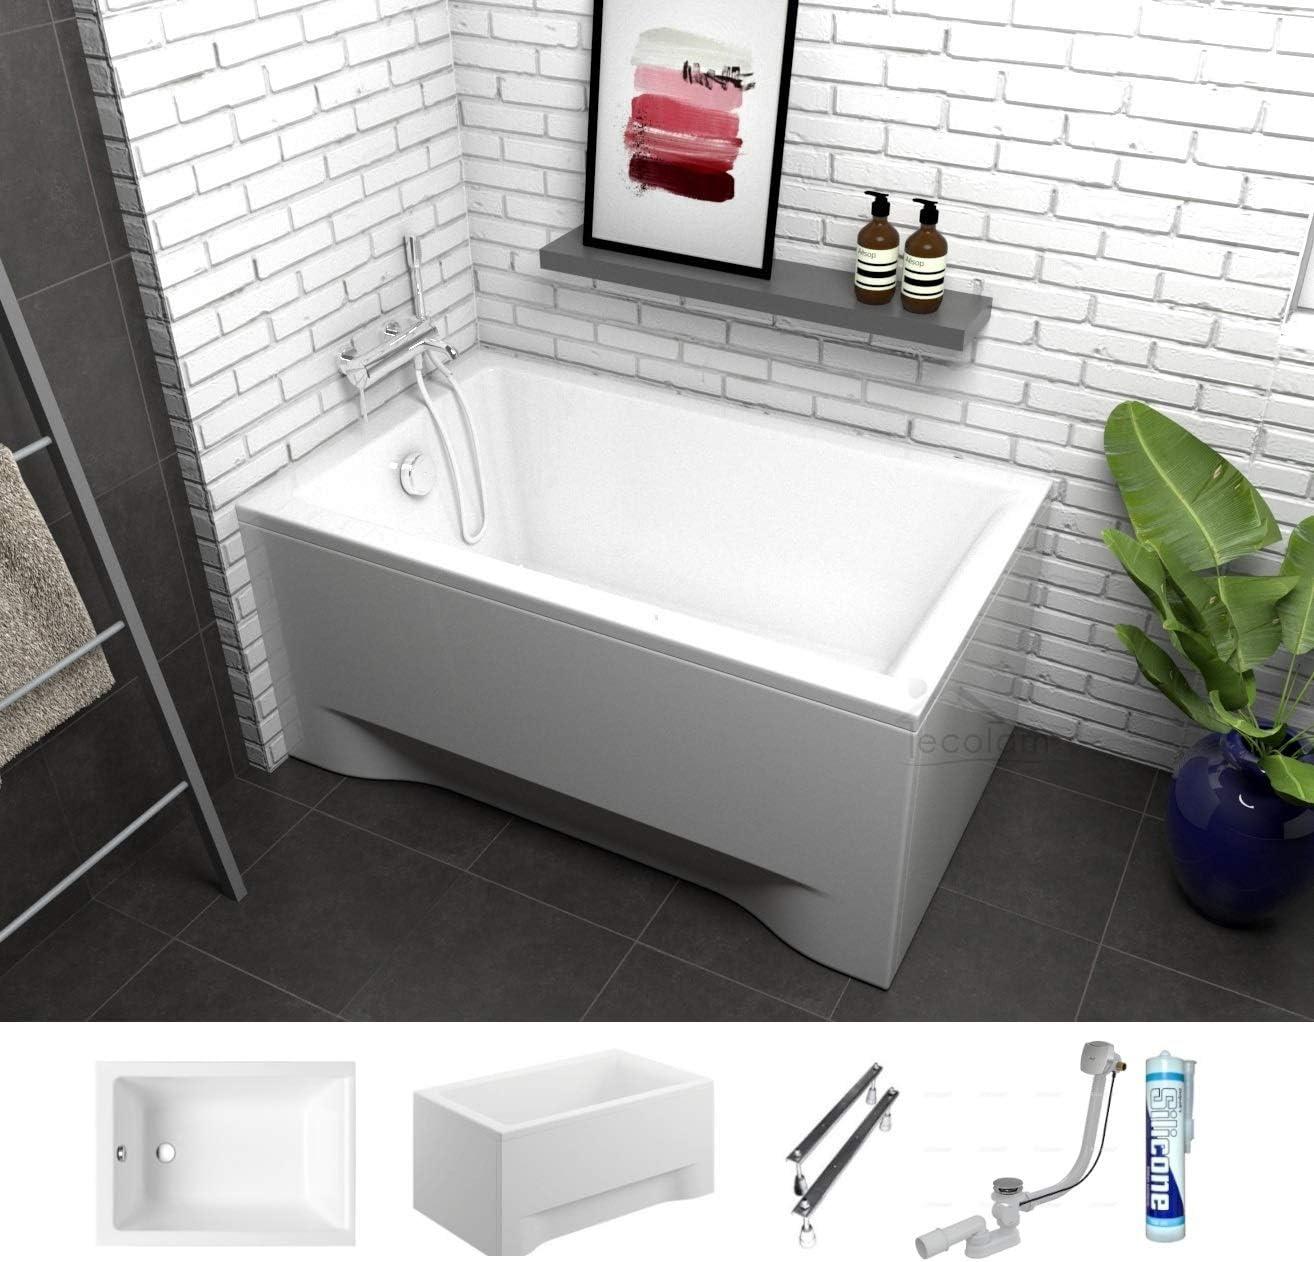 ECOLAM Petite baignoire rectangulaire acrylique Capri 120x70 cm siphon automatique pieds et silicone habillage acrylique